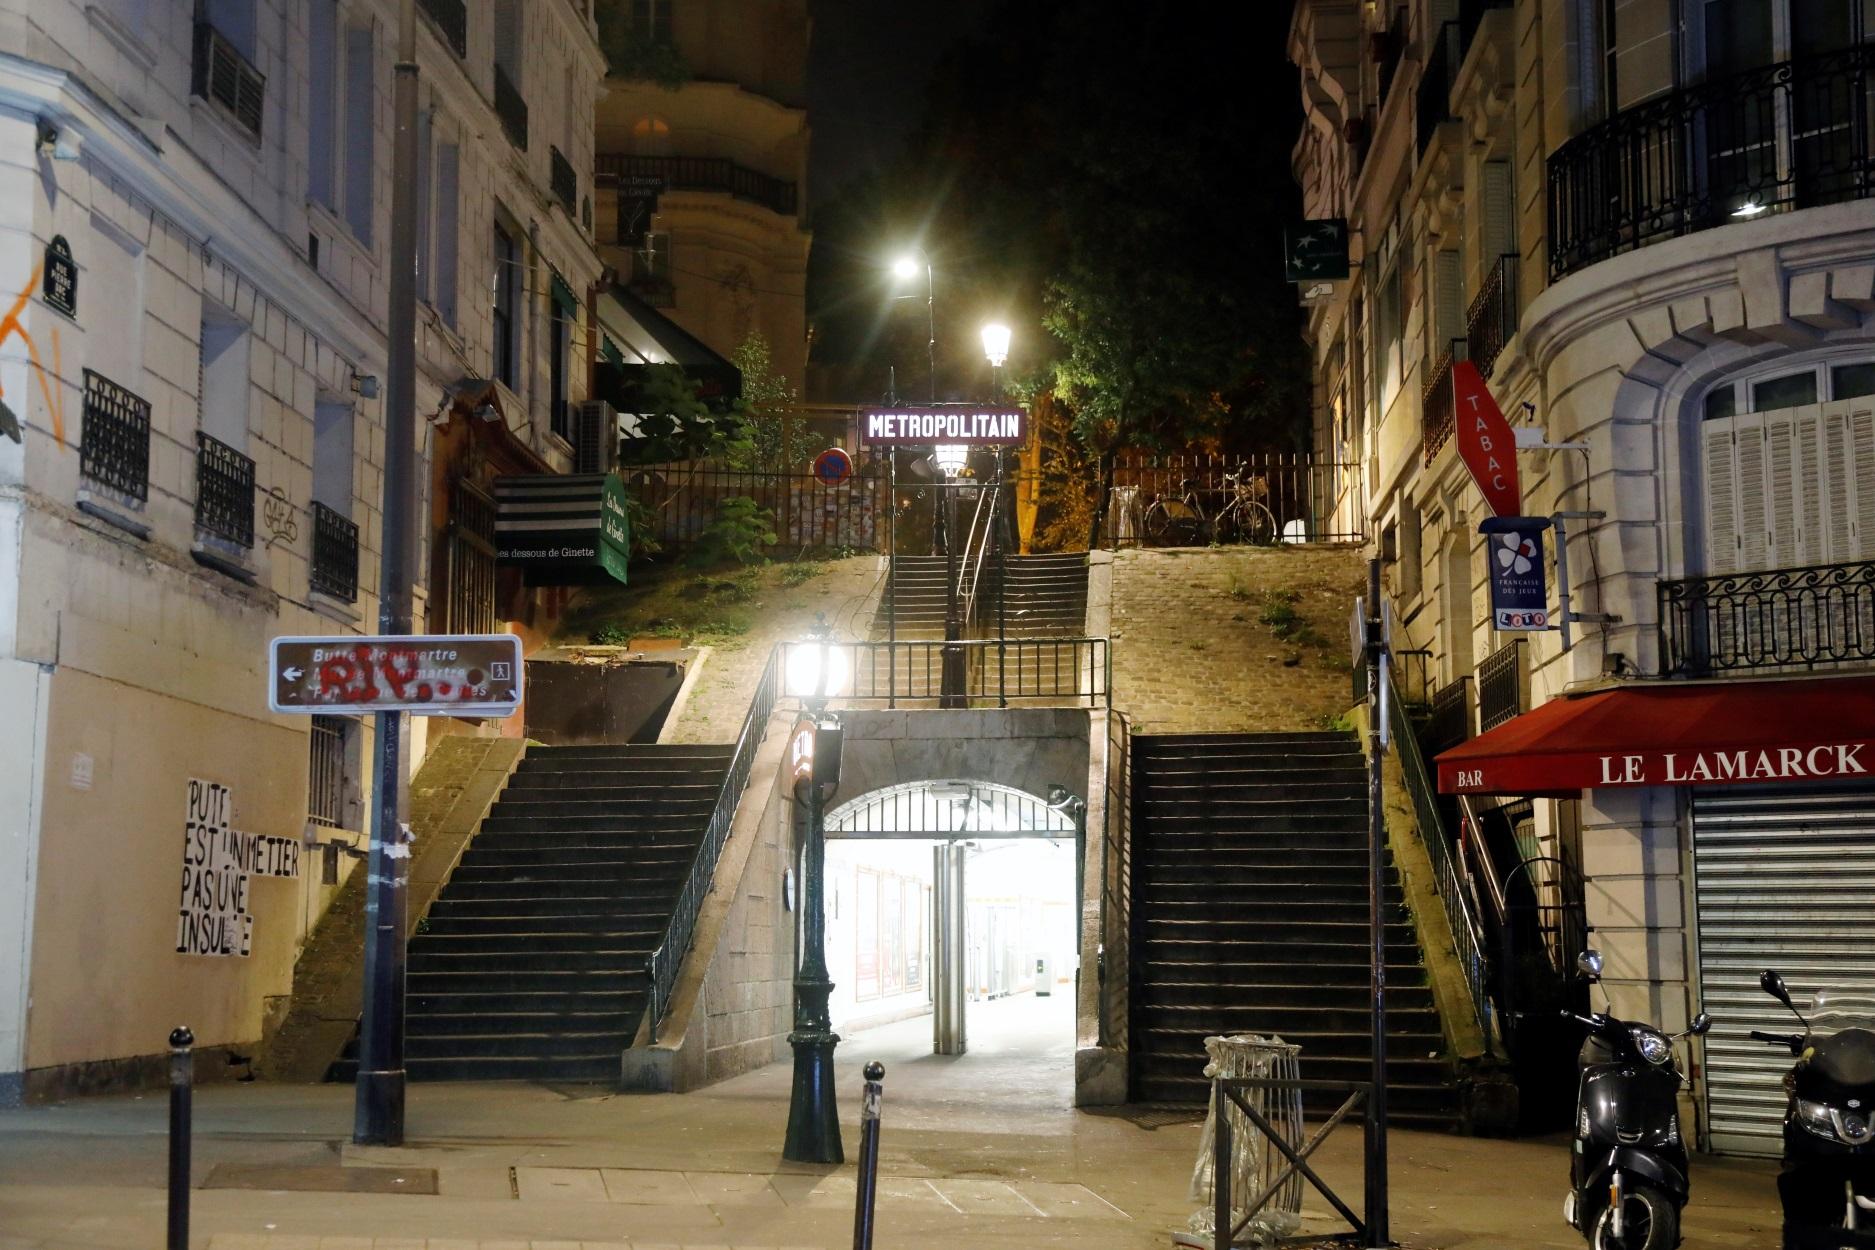 11χρονος έπεσε από τον 4ο όροφο μετά από καταγγελία συμμαθητή του – Σοκ στην Γαλλία